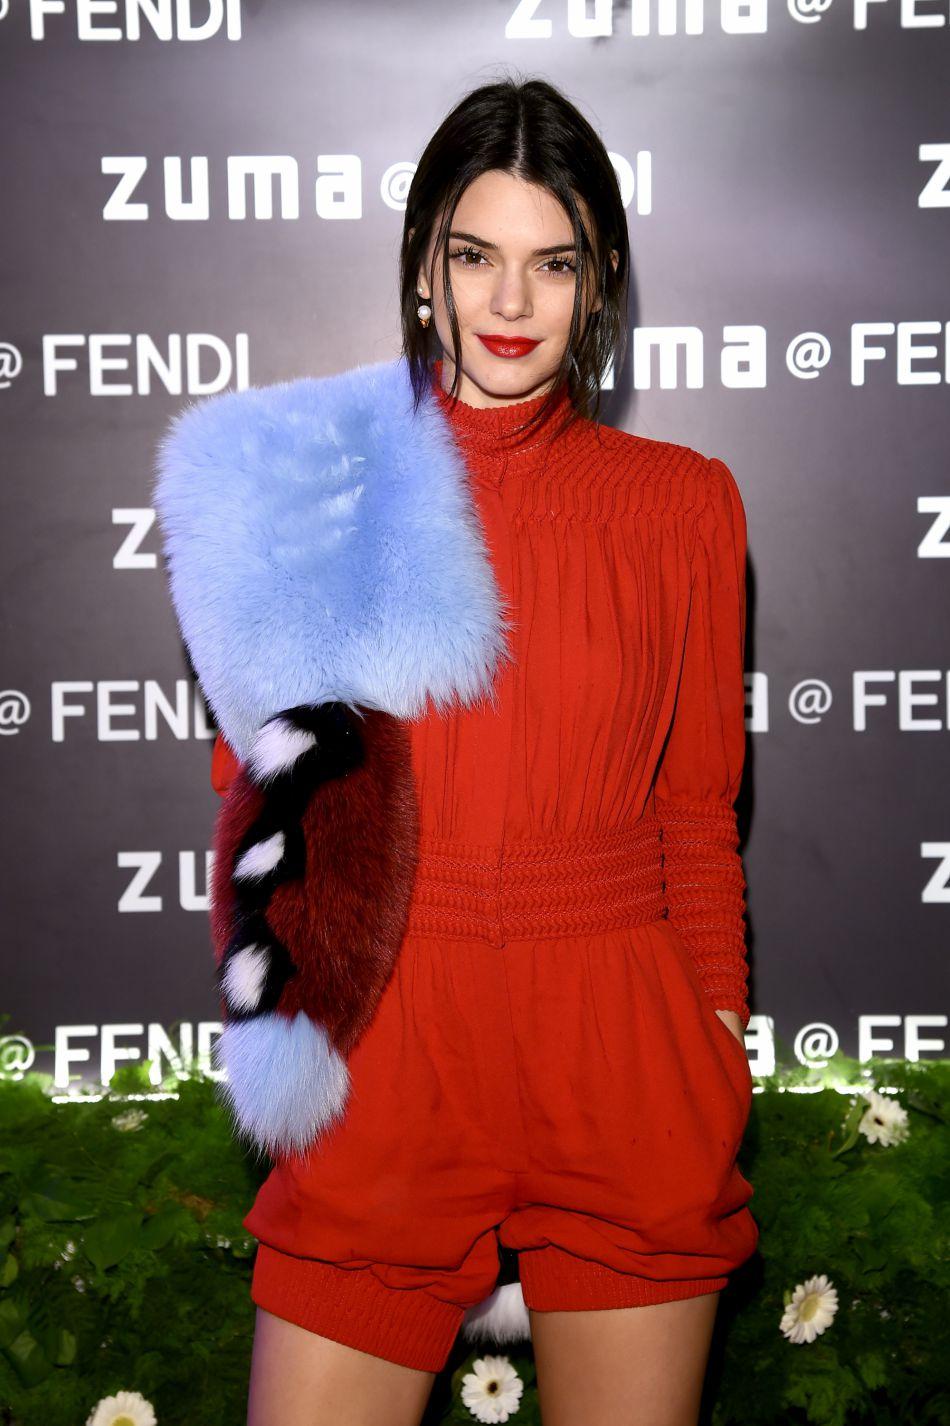 Les lèvres rouges de Kendall s'accordent à la perfection avec sa combinaison.